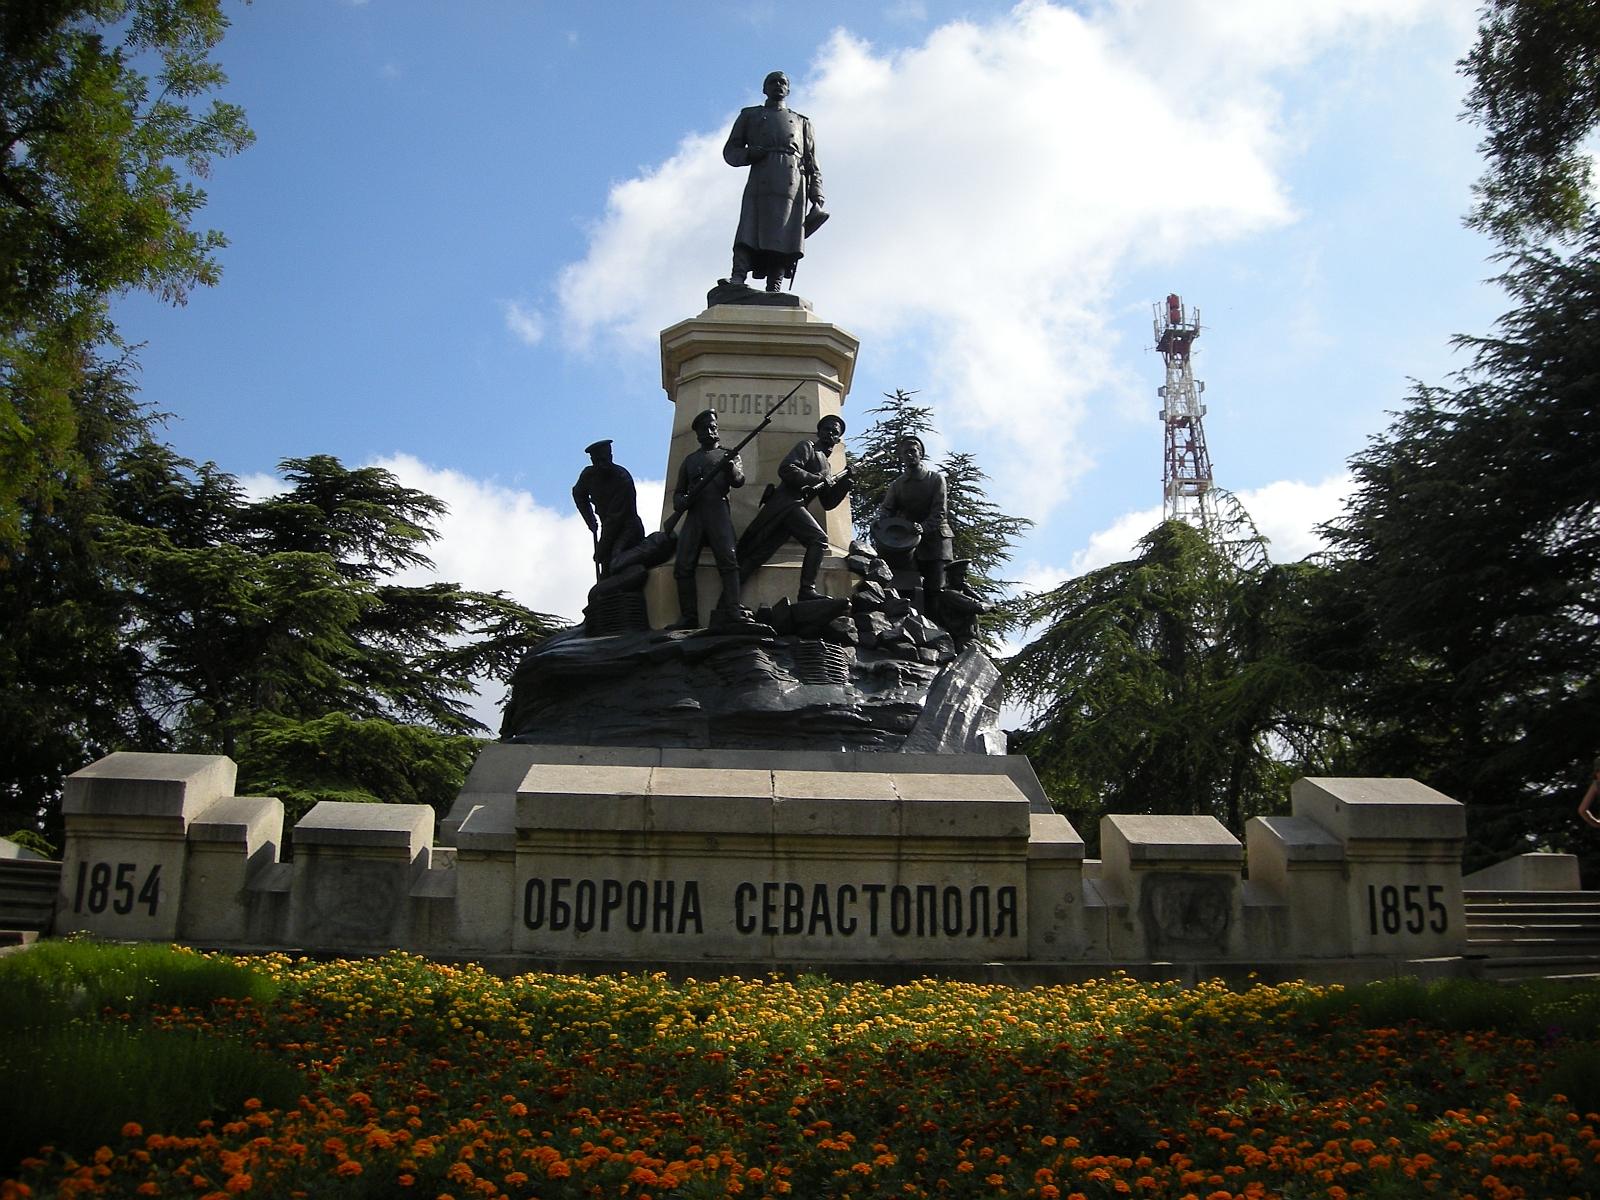 Севастополь - в топе городов для патриотического туризма 10